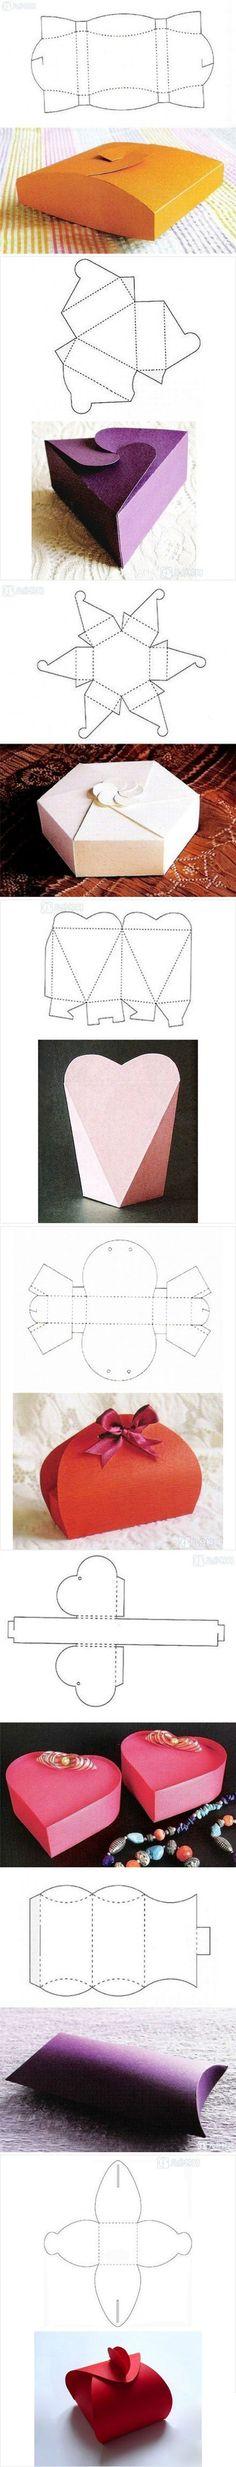 Как сделать объемные шкатулки из бумаги (своими руками Своими руками Пинми - мир…